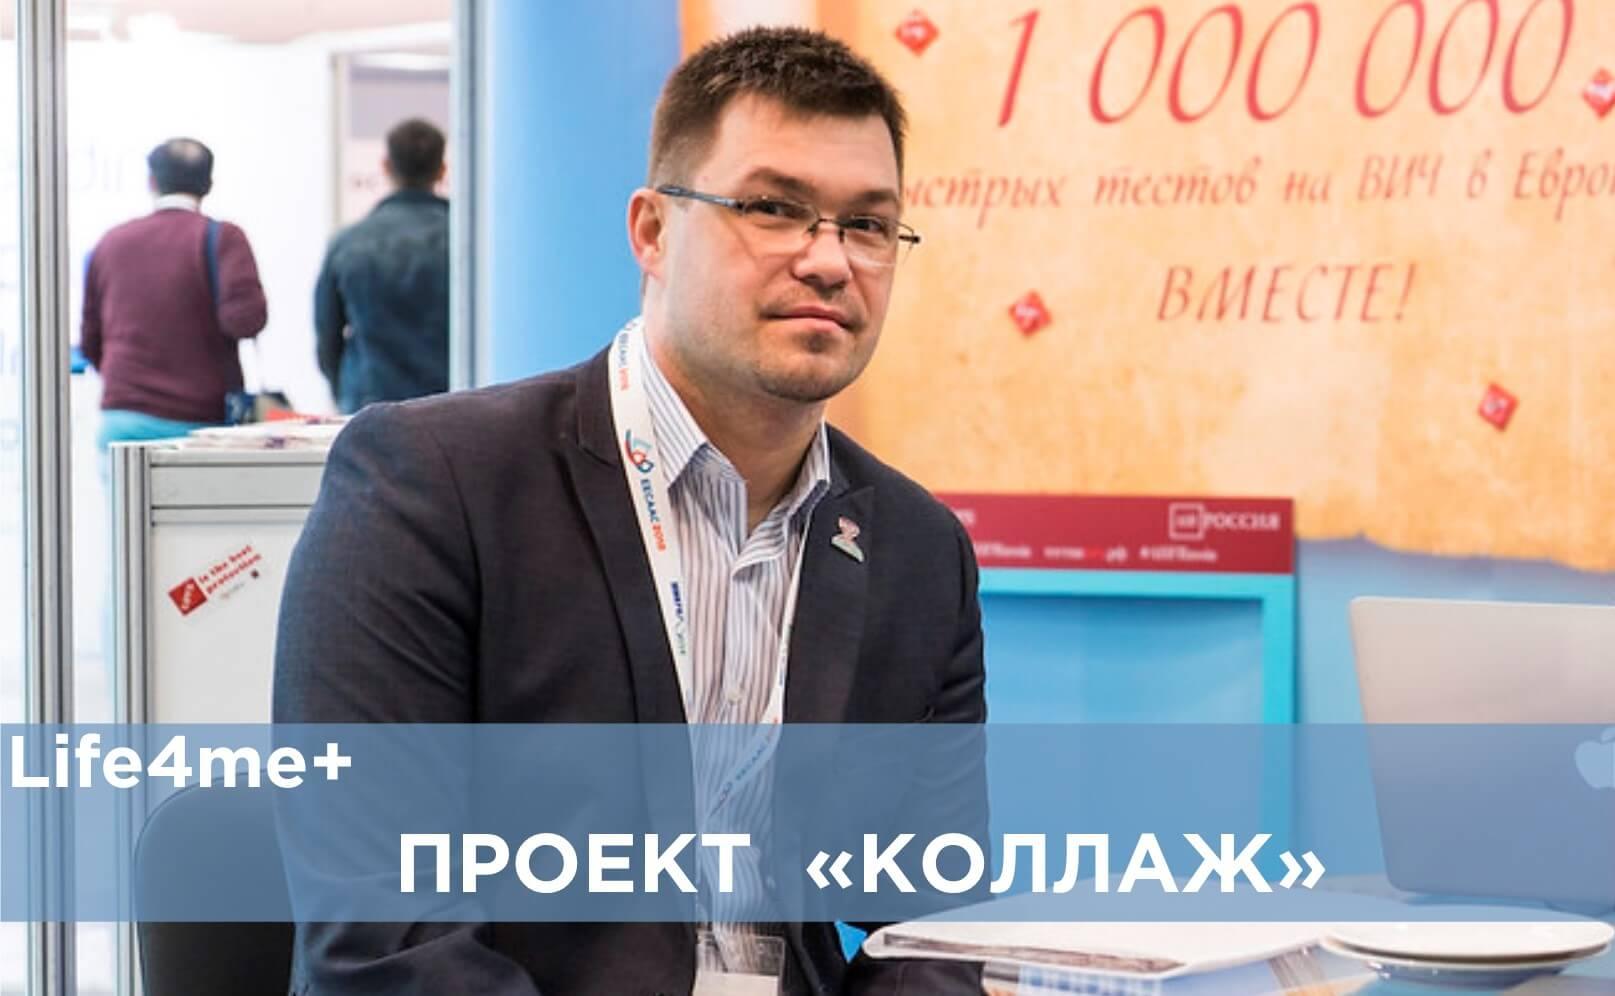 Коллаж: «Социальная работа с наркопотребителями совершенно не развита», - Алексей Тананин - изображение 1